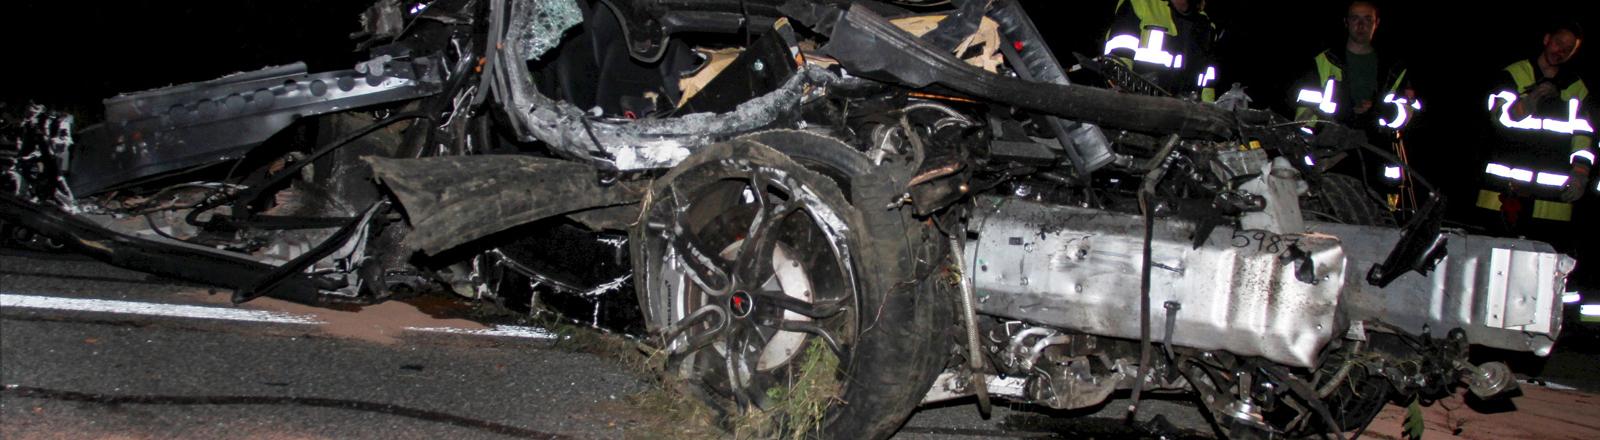 Ein zerstörter Luxus-Sportwagen der Marke McLaren steht in der Nacht zum 22.07.2015 auf der Autobahn A95 bei Großweil im Landkreis Garmisch-Partenkirchen (Bayern).